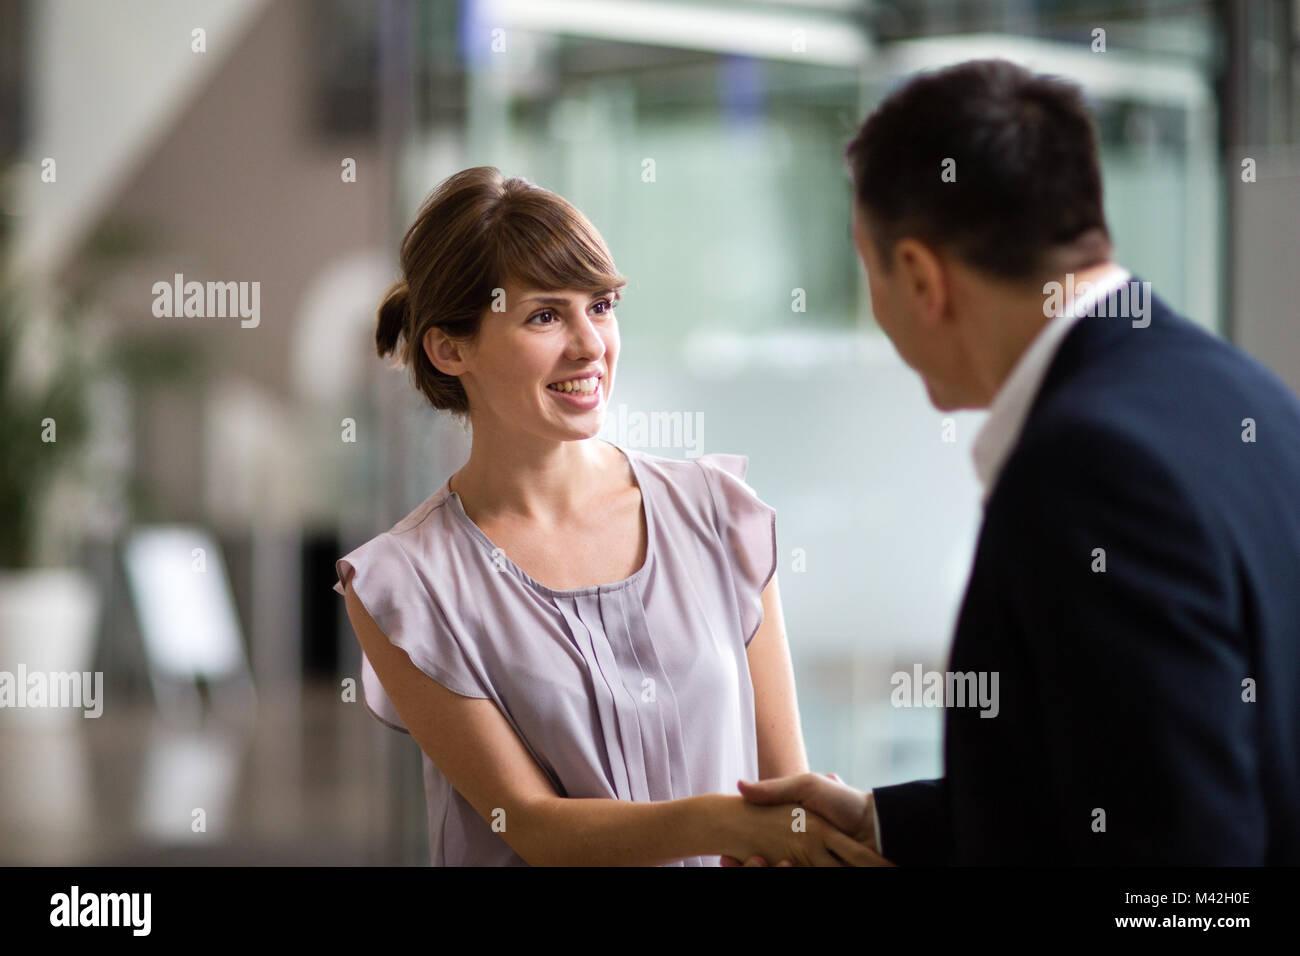 Junge weibliche Geschäftsfrau einen Job angeboten werden Stockbild